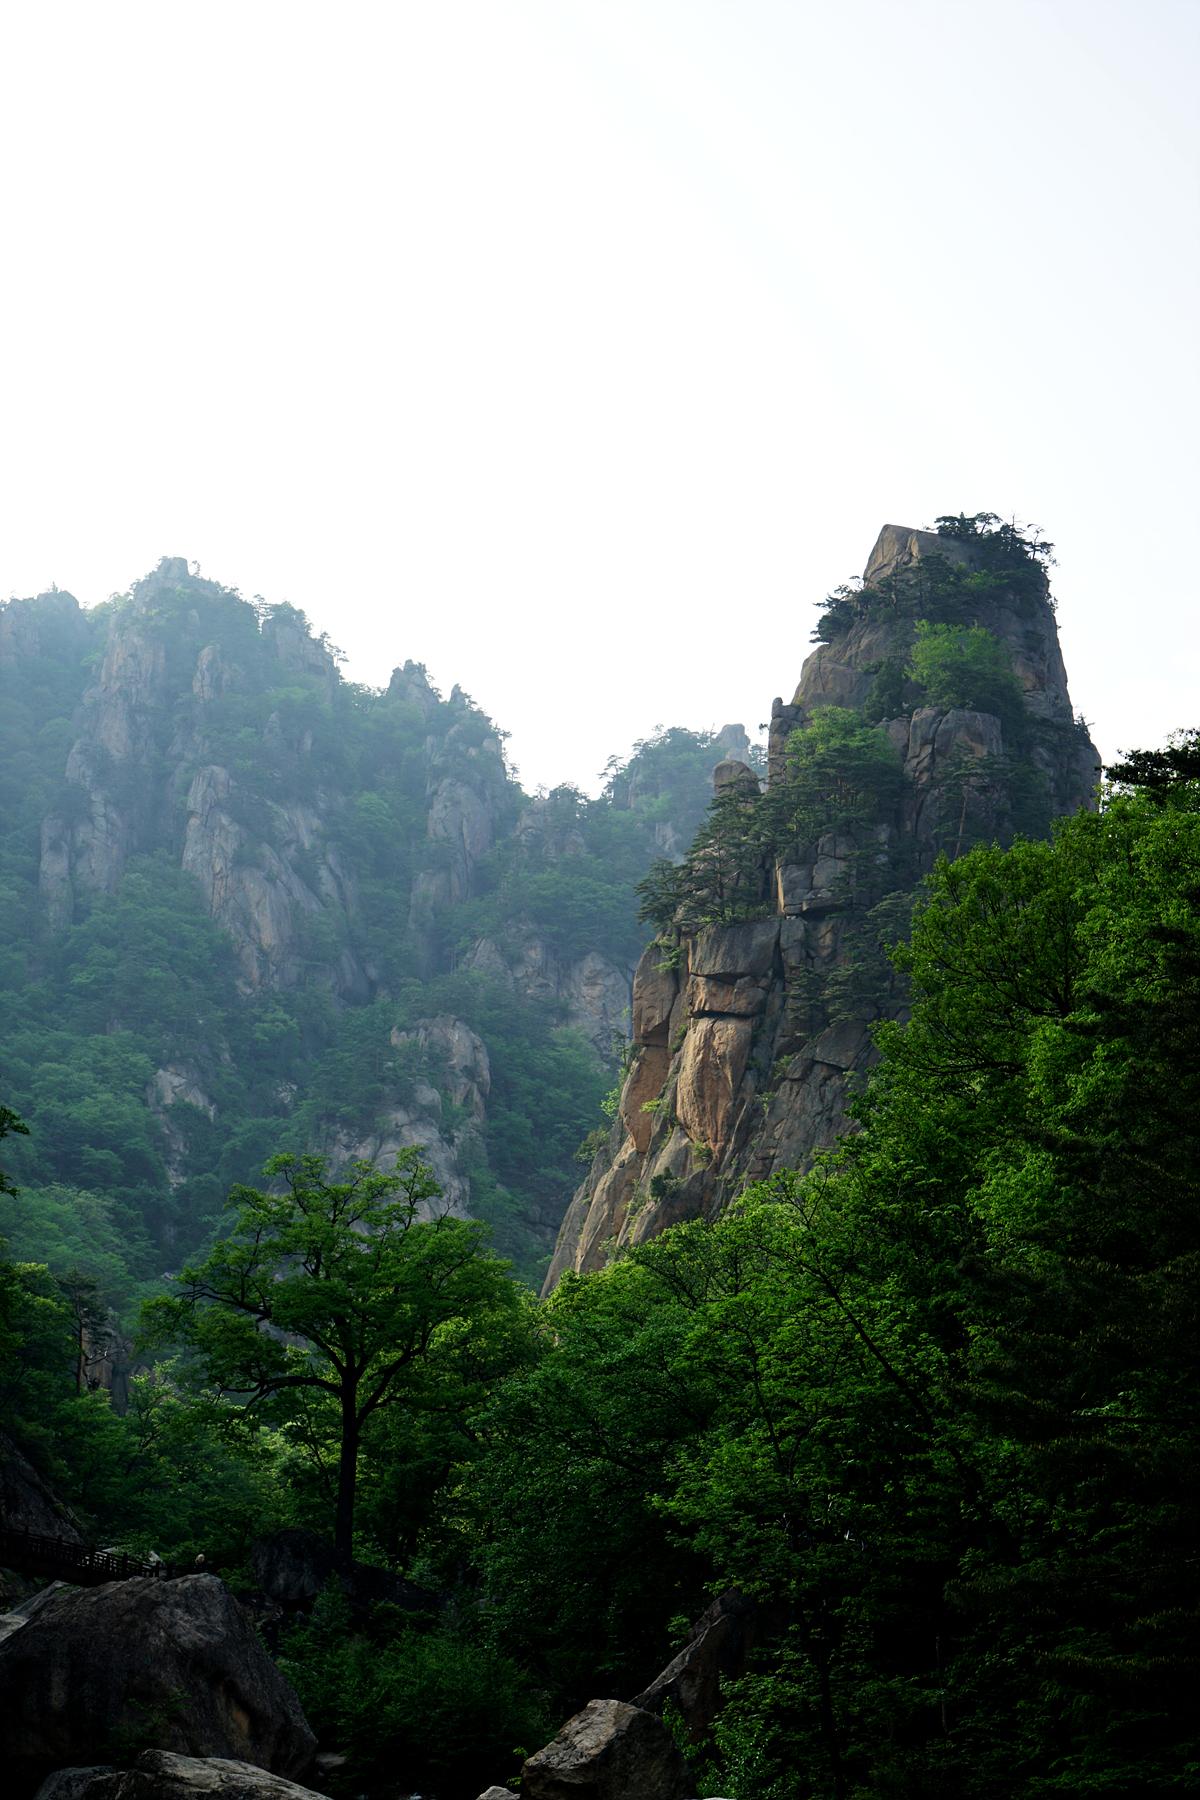 석양의 주전골 풍경